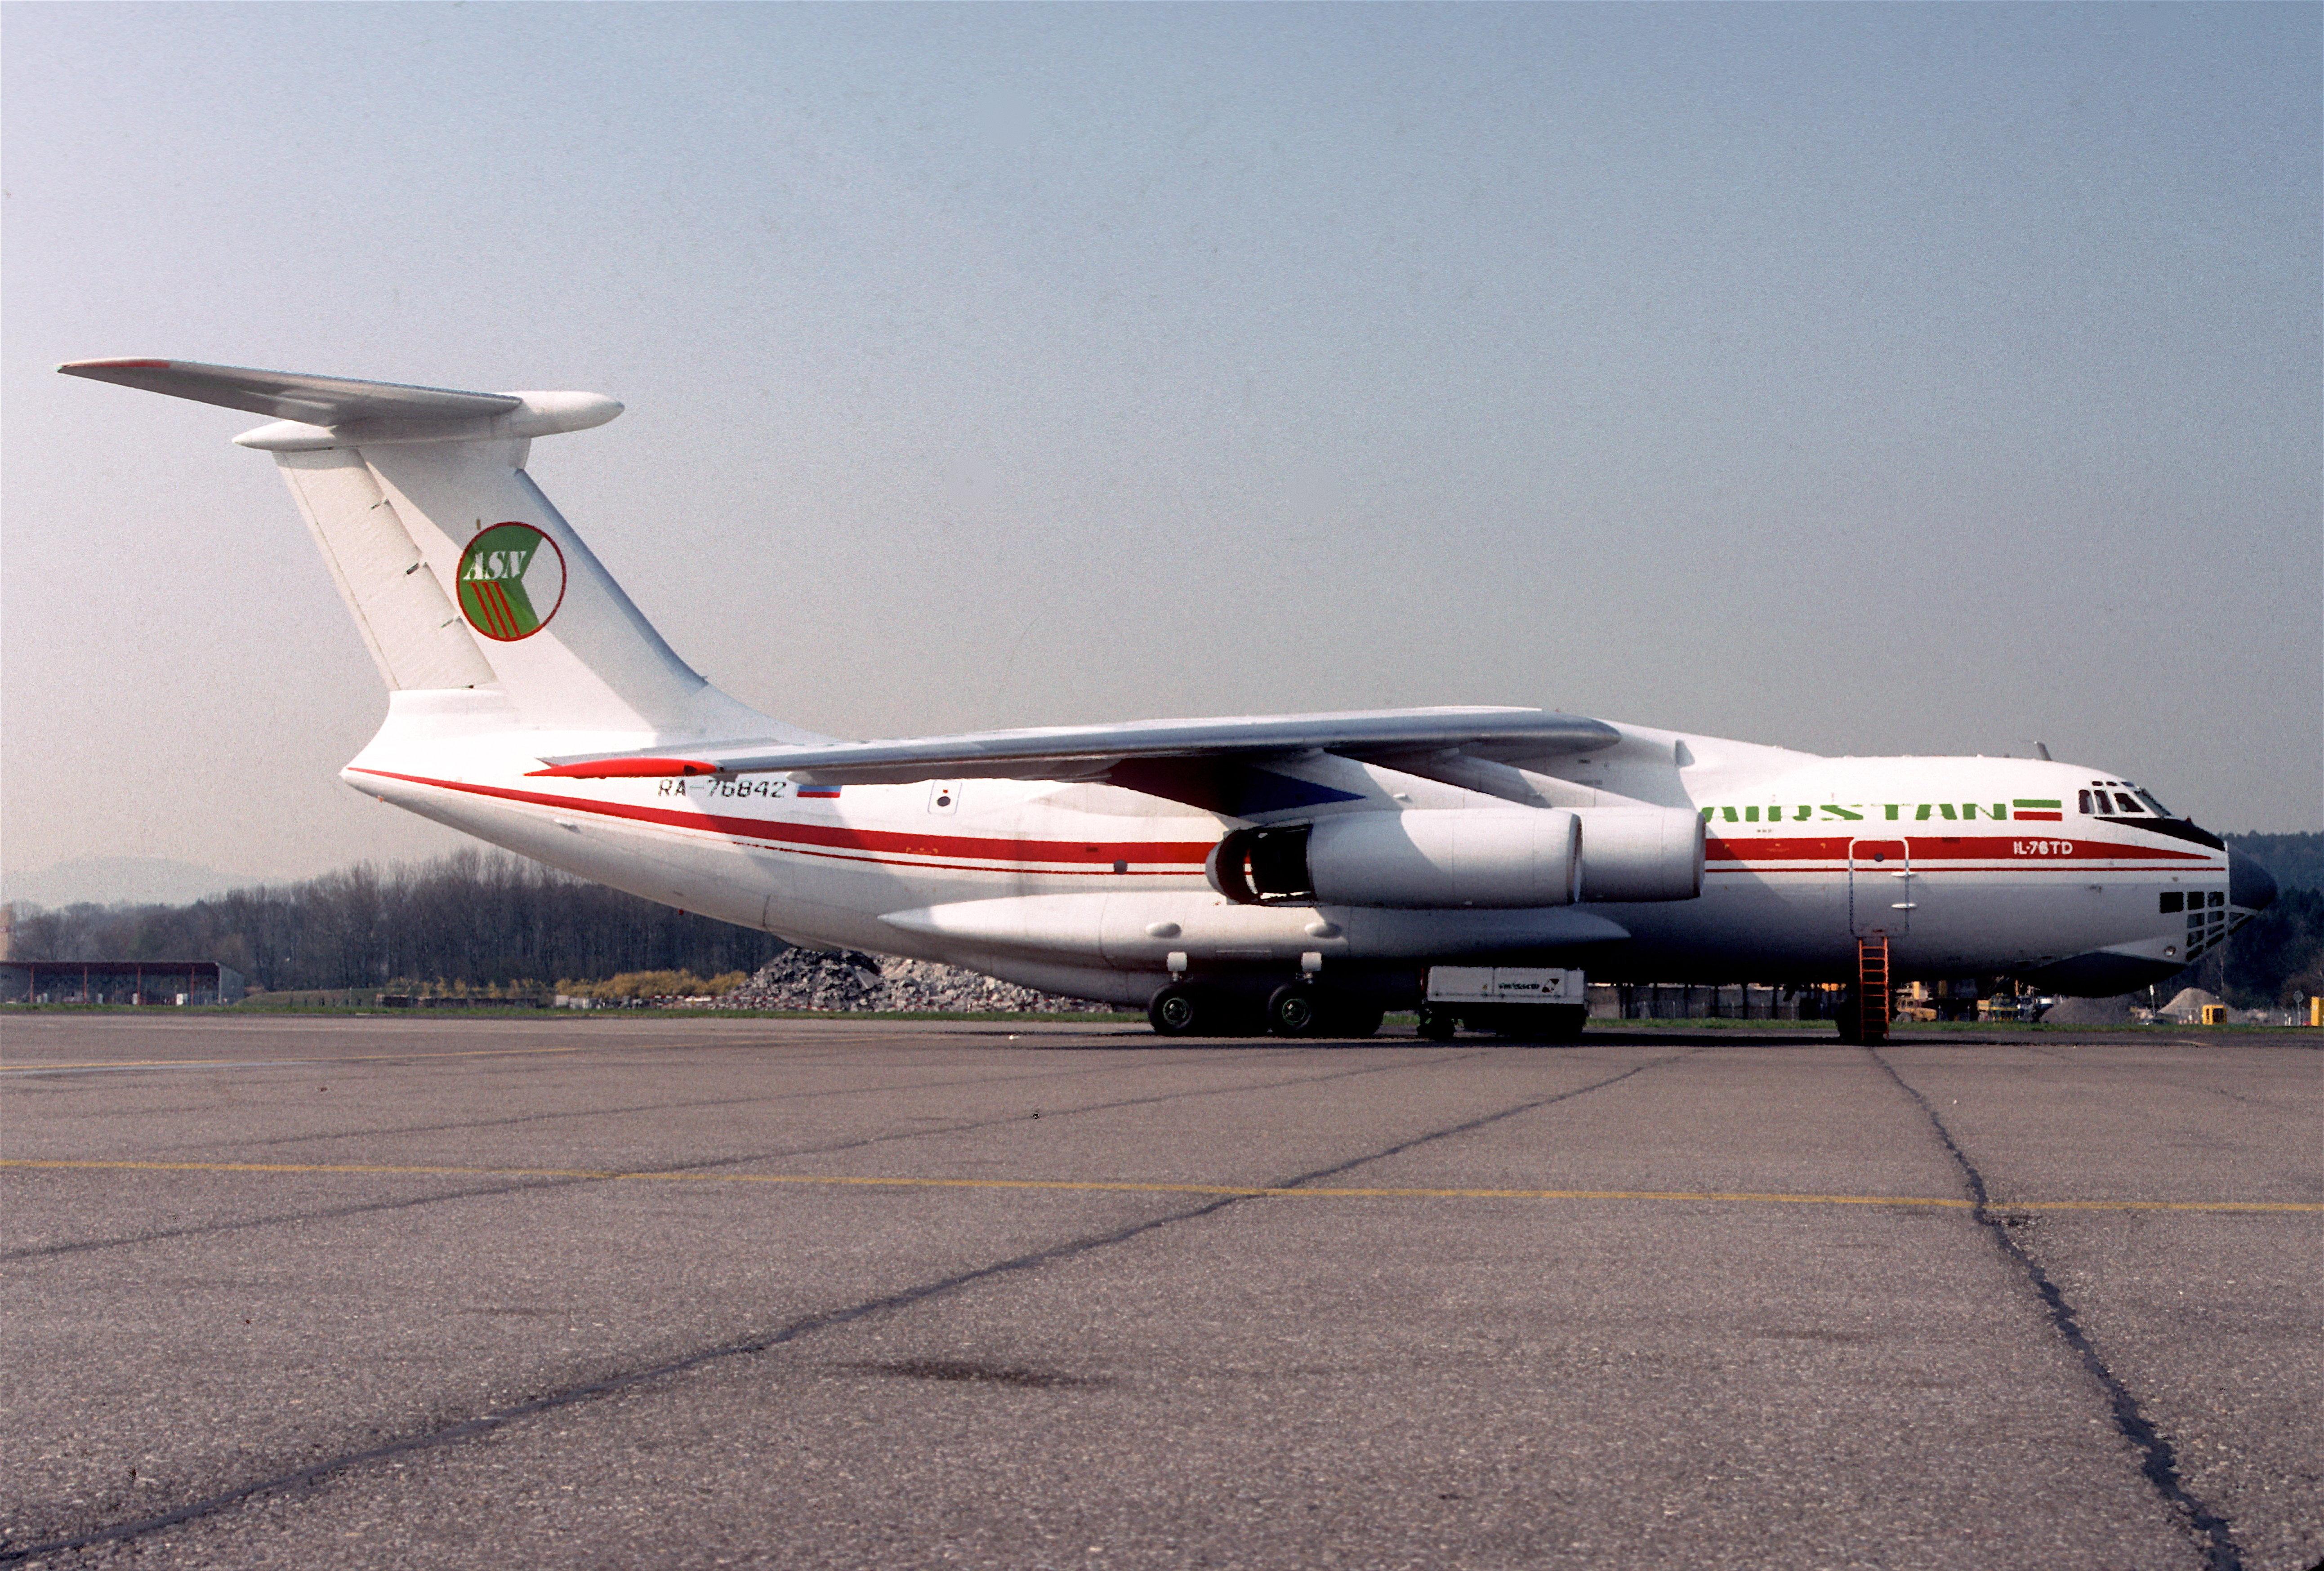 Iliouchine Il-76TD quatre mois avant d'être capturé par les talibans